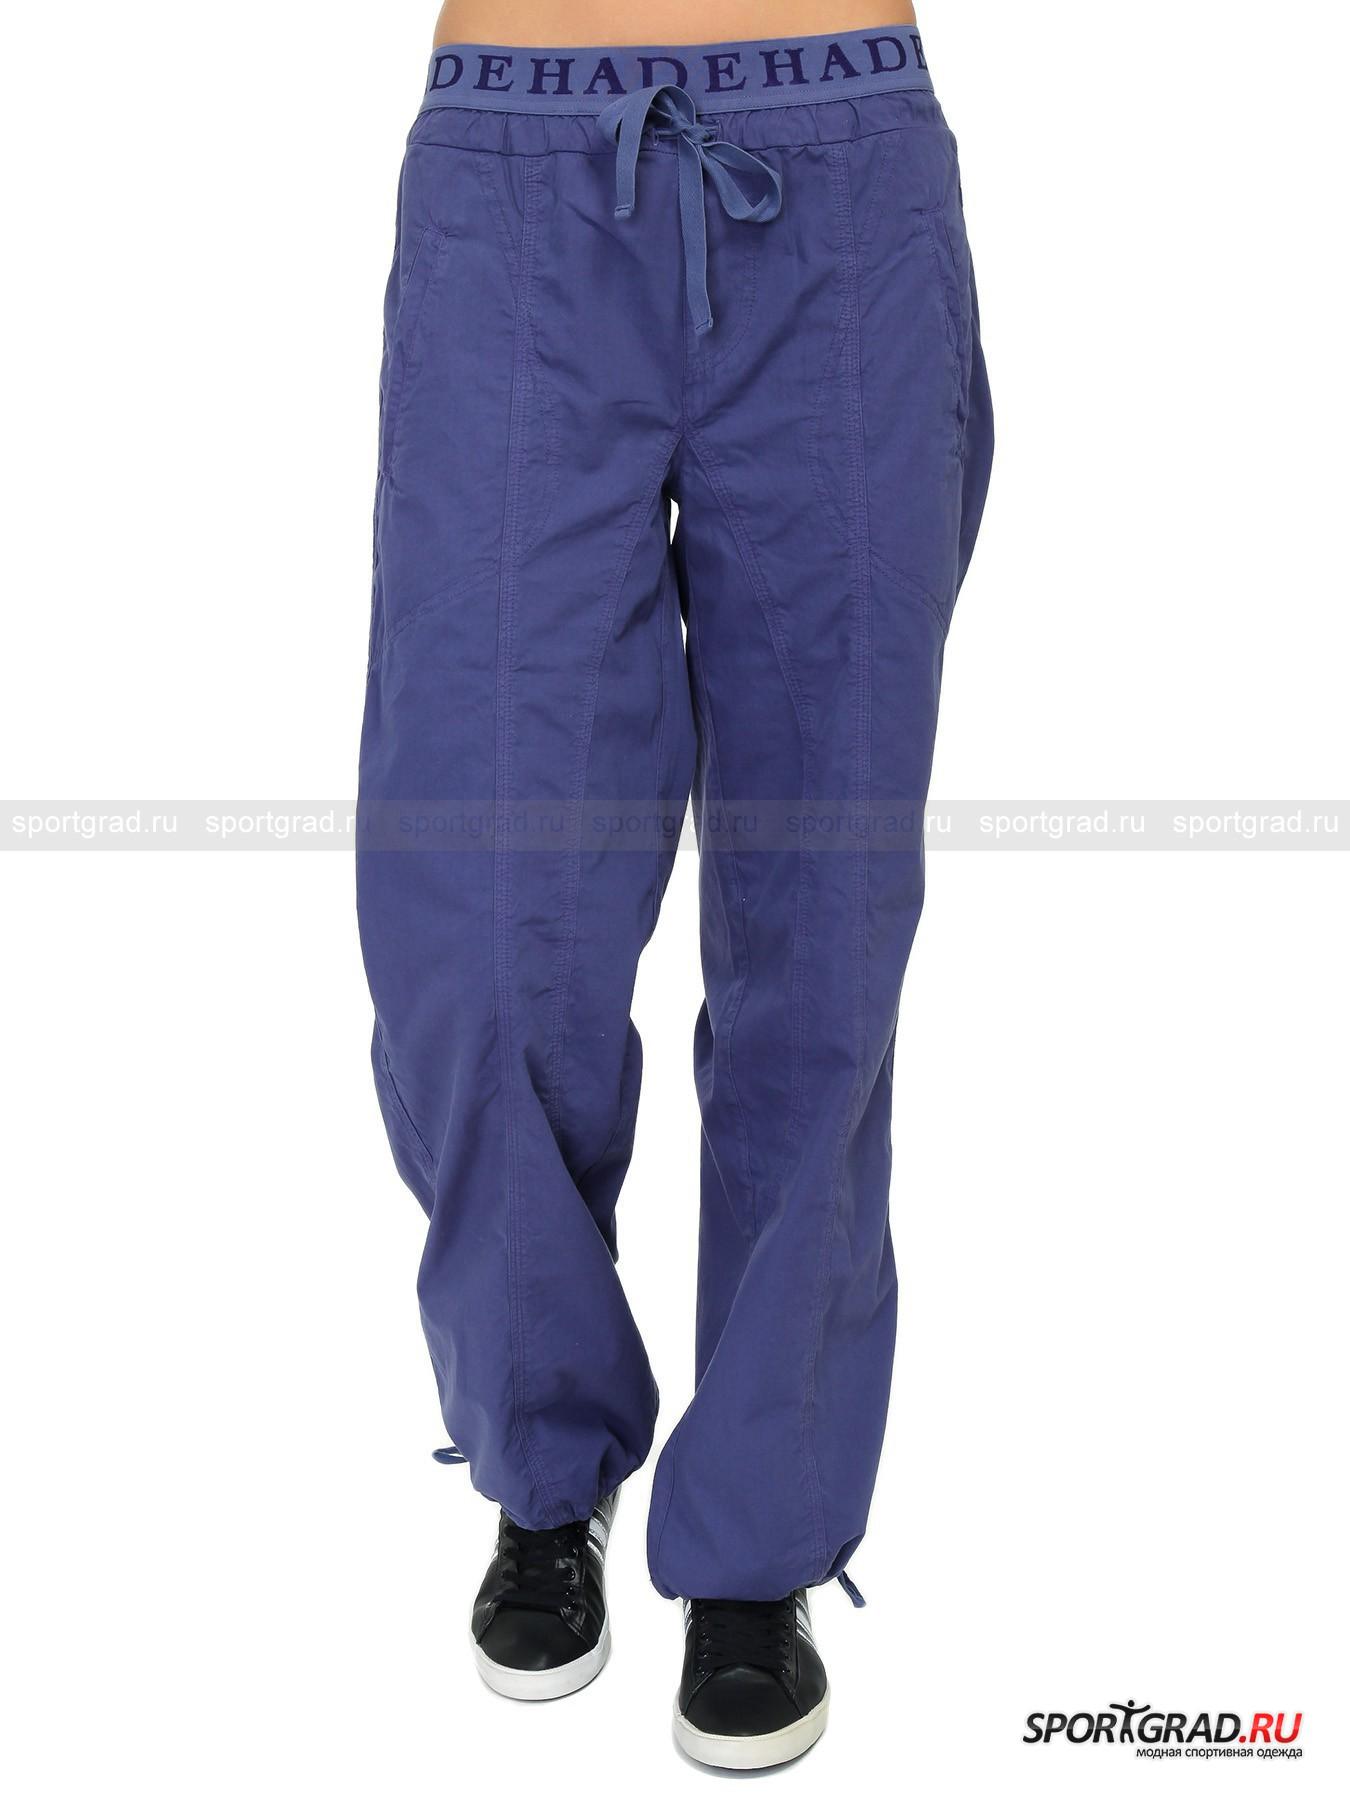 Брюки женcкие Wide leg Pants DEHAБрюки<br>Широкие брюки Pants Deha подарят вам невероятный комфорт: свободный покрой и тонкая, но плотная хлопковая ткань делают штанины практически неощутимыми для ног. Эластичный пояс, обнимающий бедра, имеет изнанку из мягкого «плюшевого» материала  и не будет натирать даже при долгом ношении.<br><br>Особенности модели:<br>- кулиска с корректирующей лентой в районе бедер;<br>- повторяющаяся по периметру пояса надпись DEHA;<br>- утягивающие шнурки внизу штанин;<br>- прямая кокетка и два больших накладных кармана сзади;<br>- дополнительные швы на штанинах спереди;<br>- два глубоких прорезных кармана, ограниченные декоративными швами.<br><br>Пол: Женский<br>Возраст: Взрослый<br>Тип: Брюки<br>Рекомендации по уходу: стирка в теплой воде до 30 С; не отбеливать; гладить слегка нагретым утюгом (температура до 120 C); только сухая чистка; нельзя выжимать и сушить в стиральной машине<br>Состав: 100% хлопок